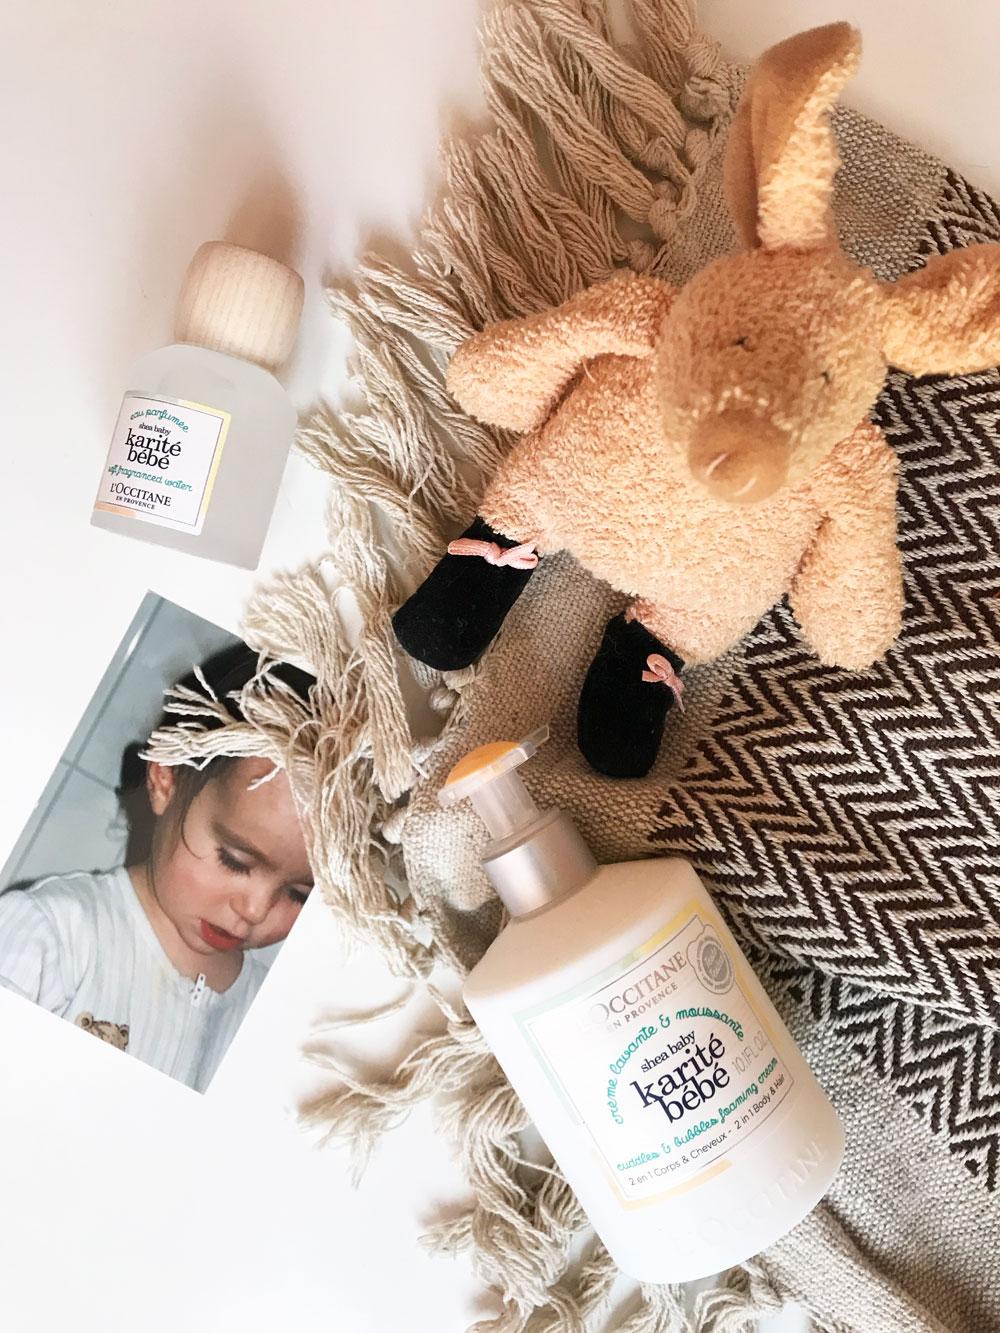 L' Occitane lanciert mit Karité Bébé eine Pflegelinie für die empfindliche Baby-Haut.